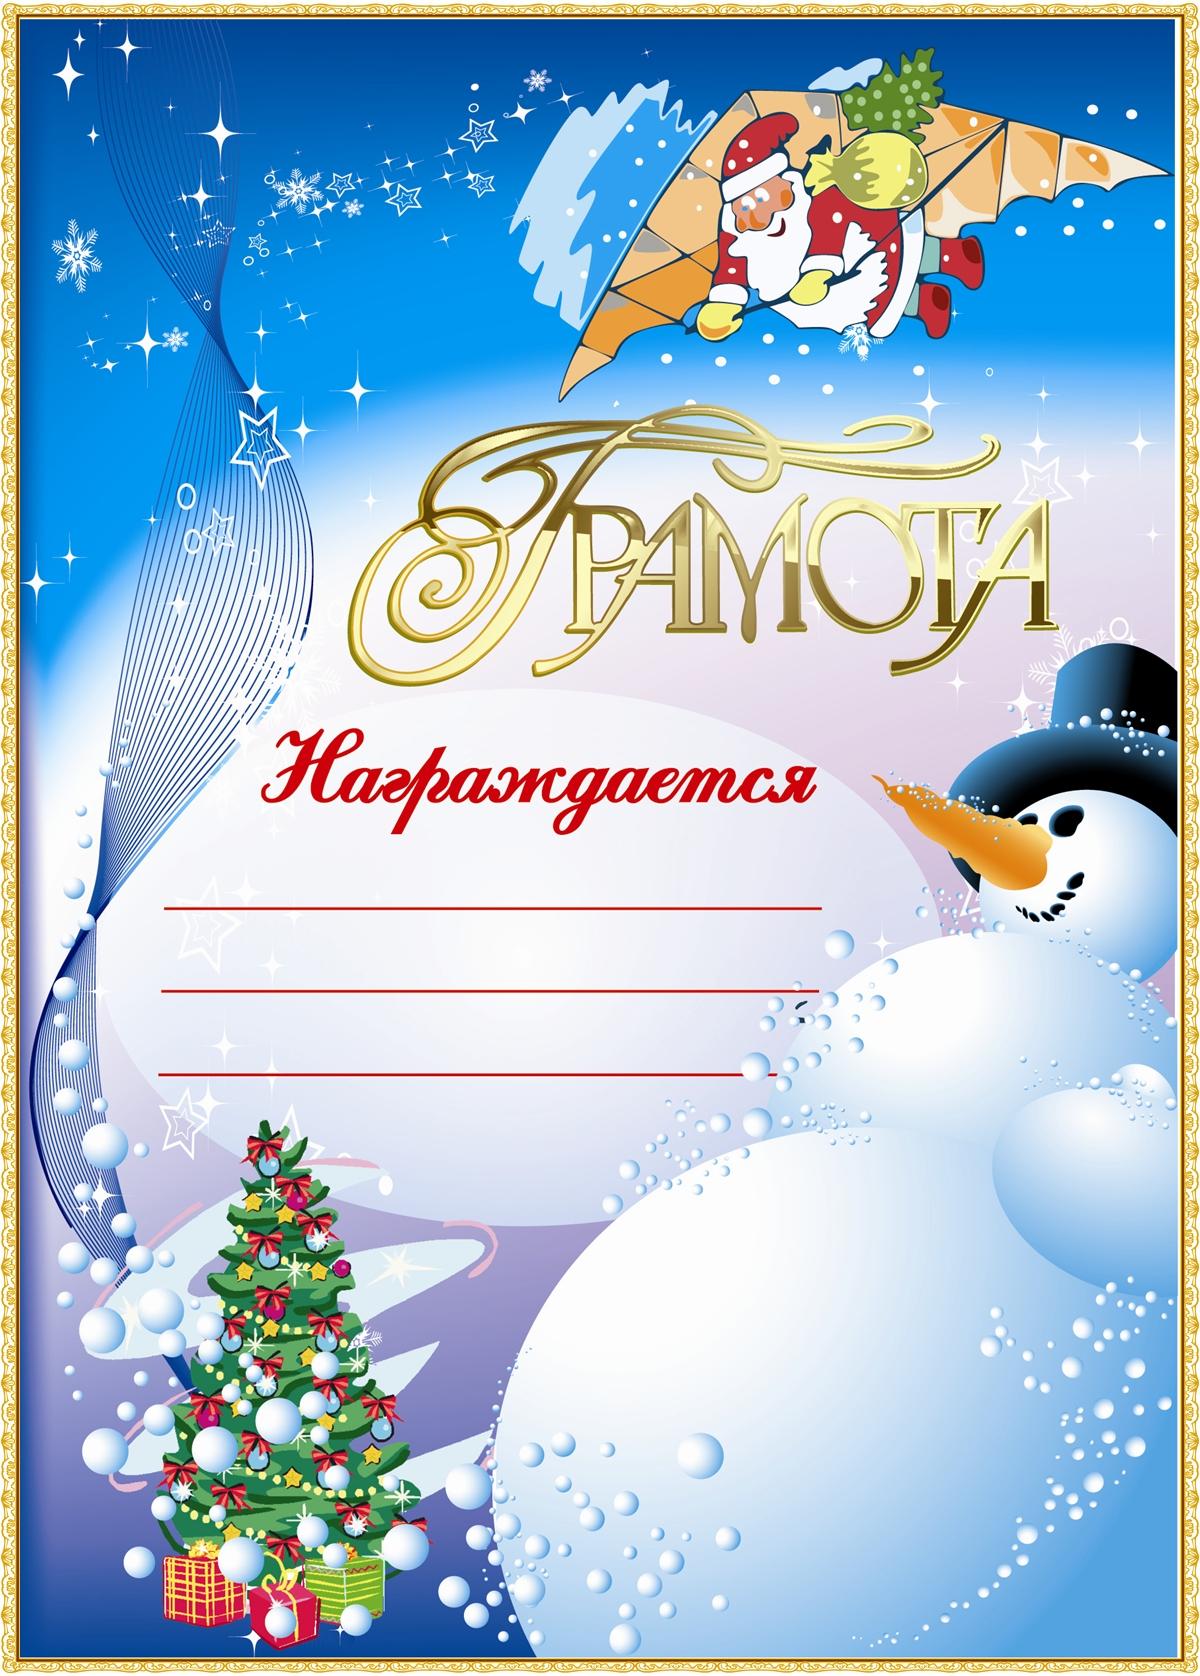 Новогодняя грамота с большим снеговиком